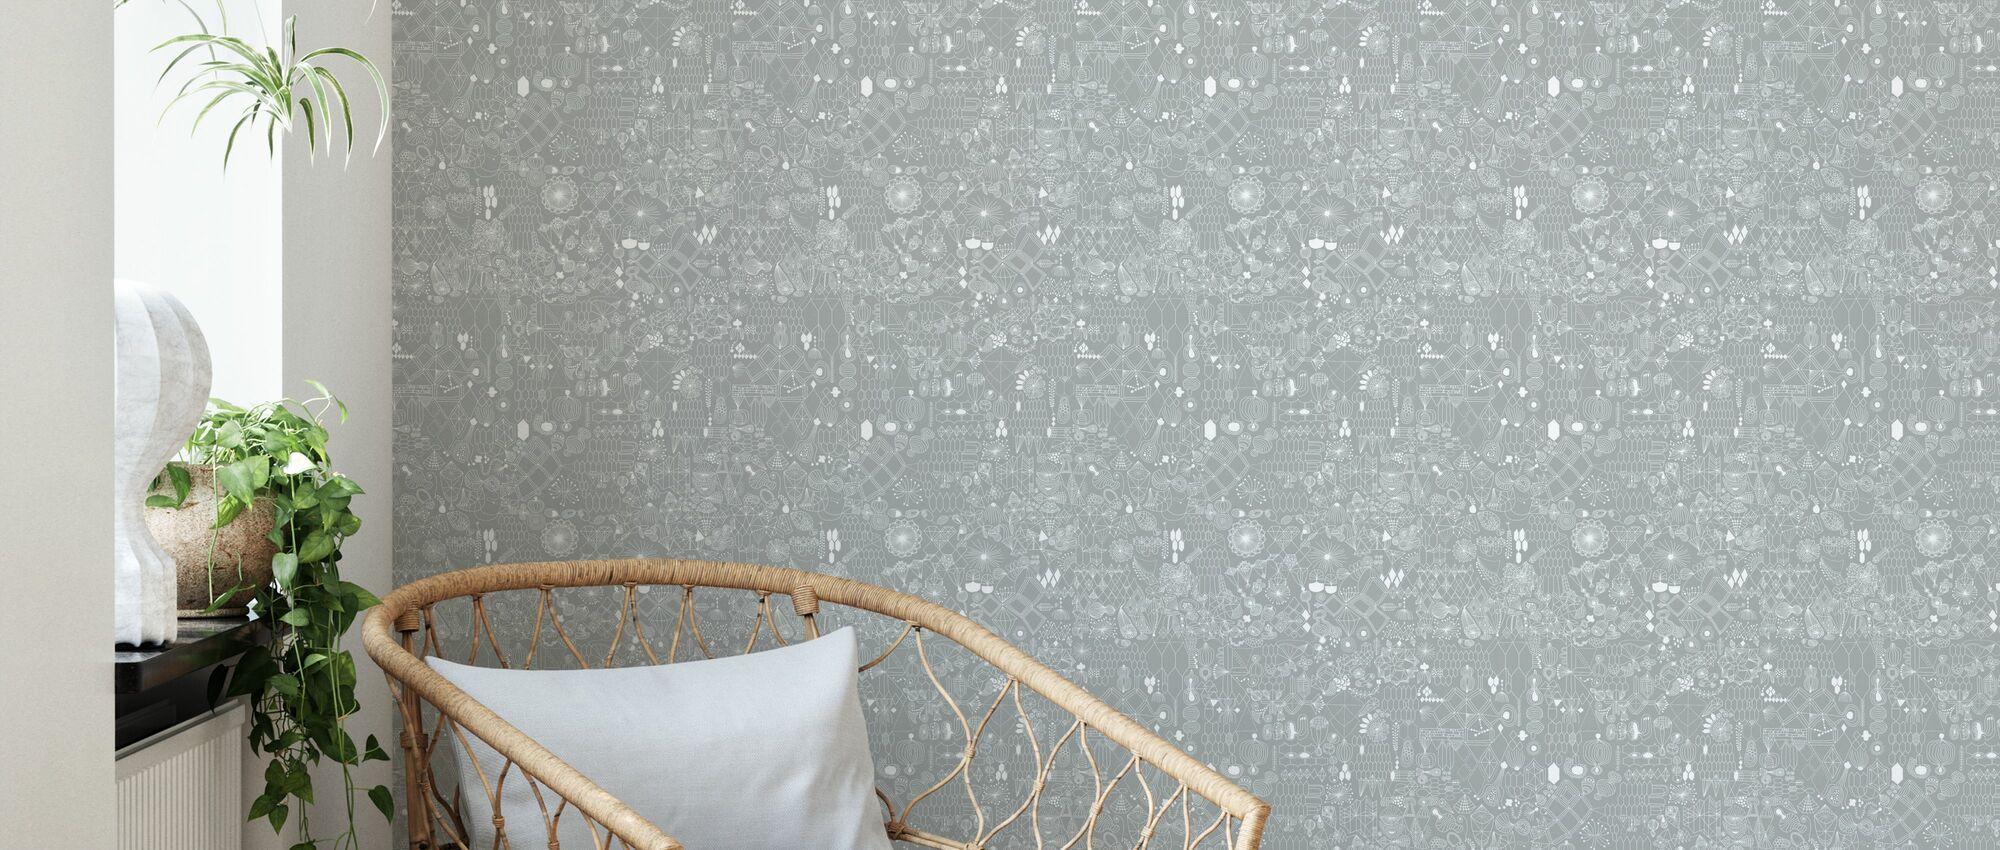 Linked - Wallpaper - Living Room